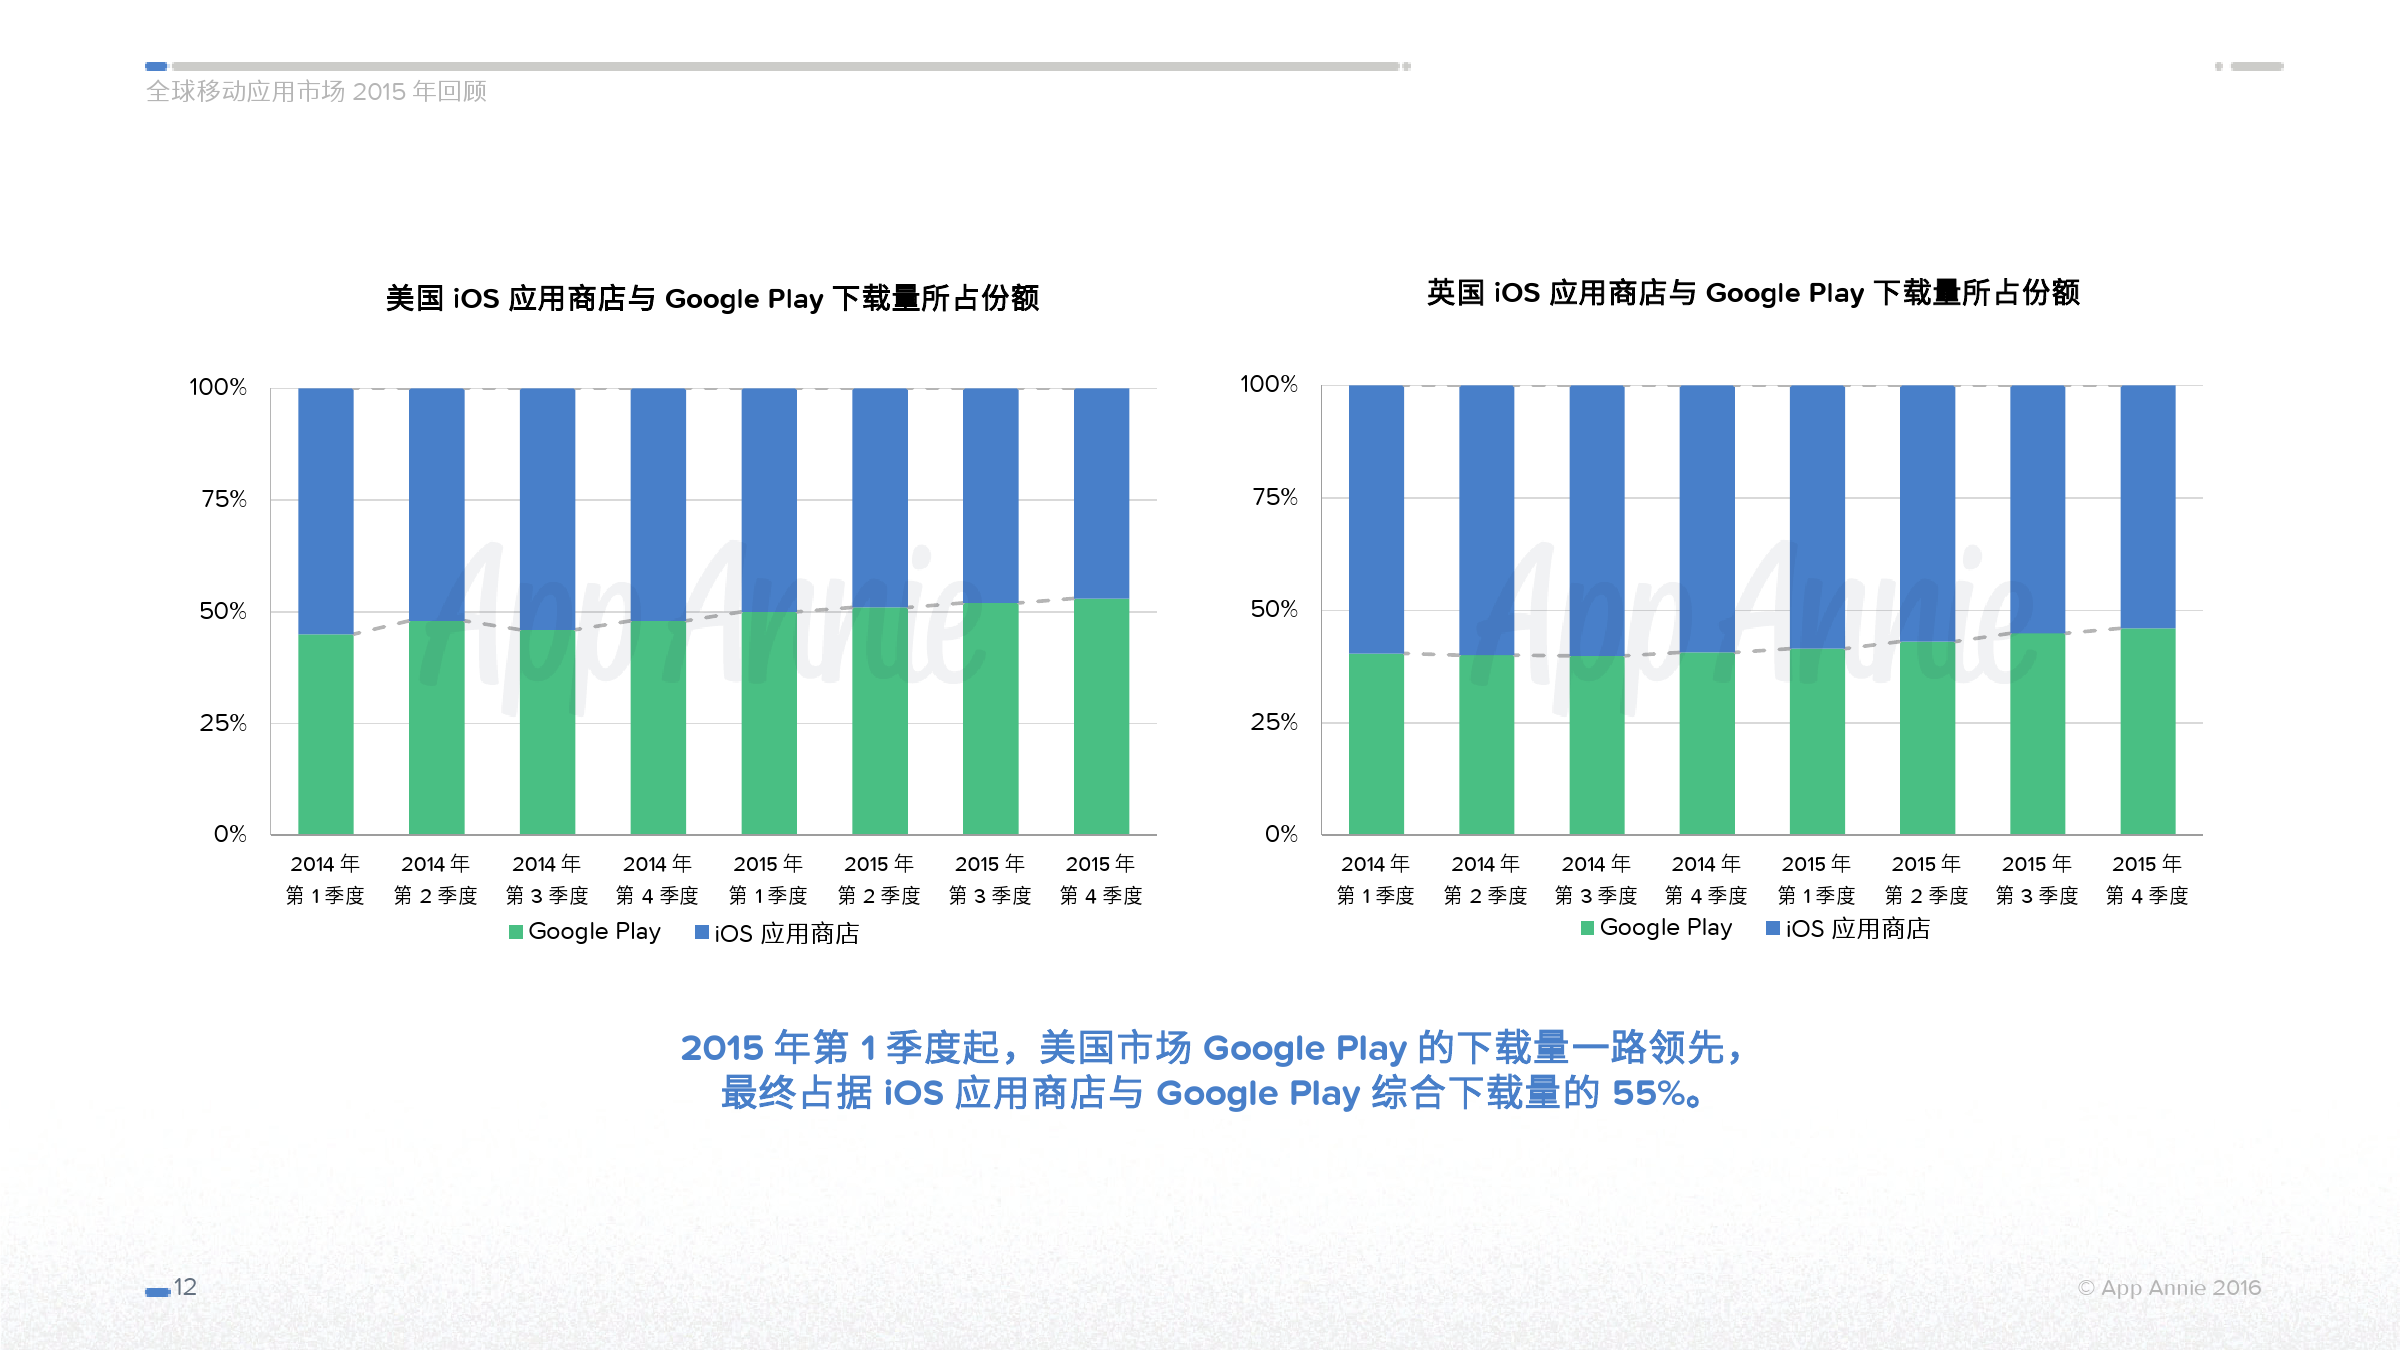 App Annie 全球移动应用市场 2015 年回顾_000012